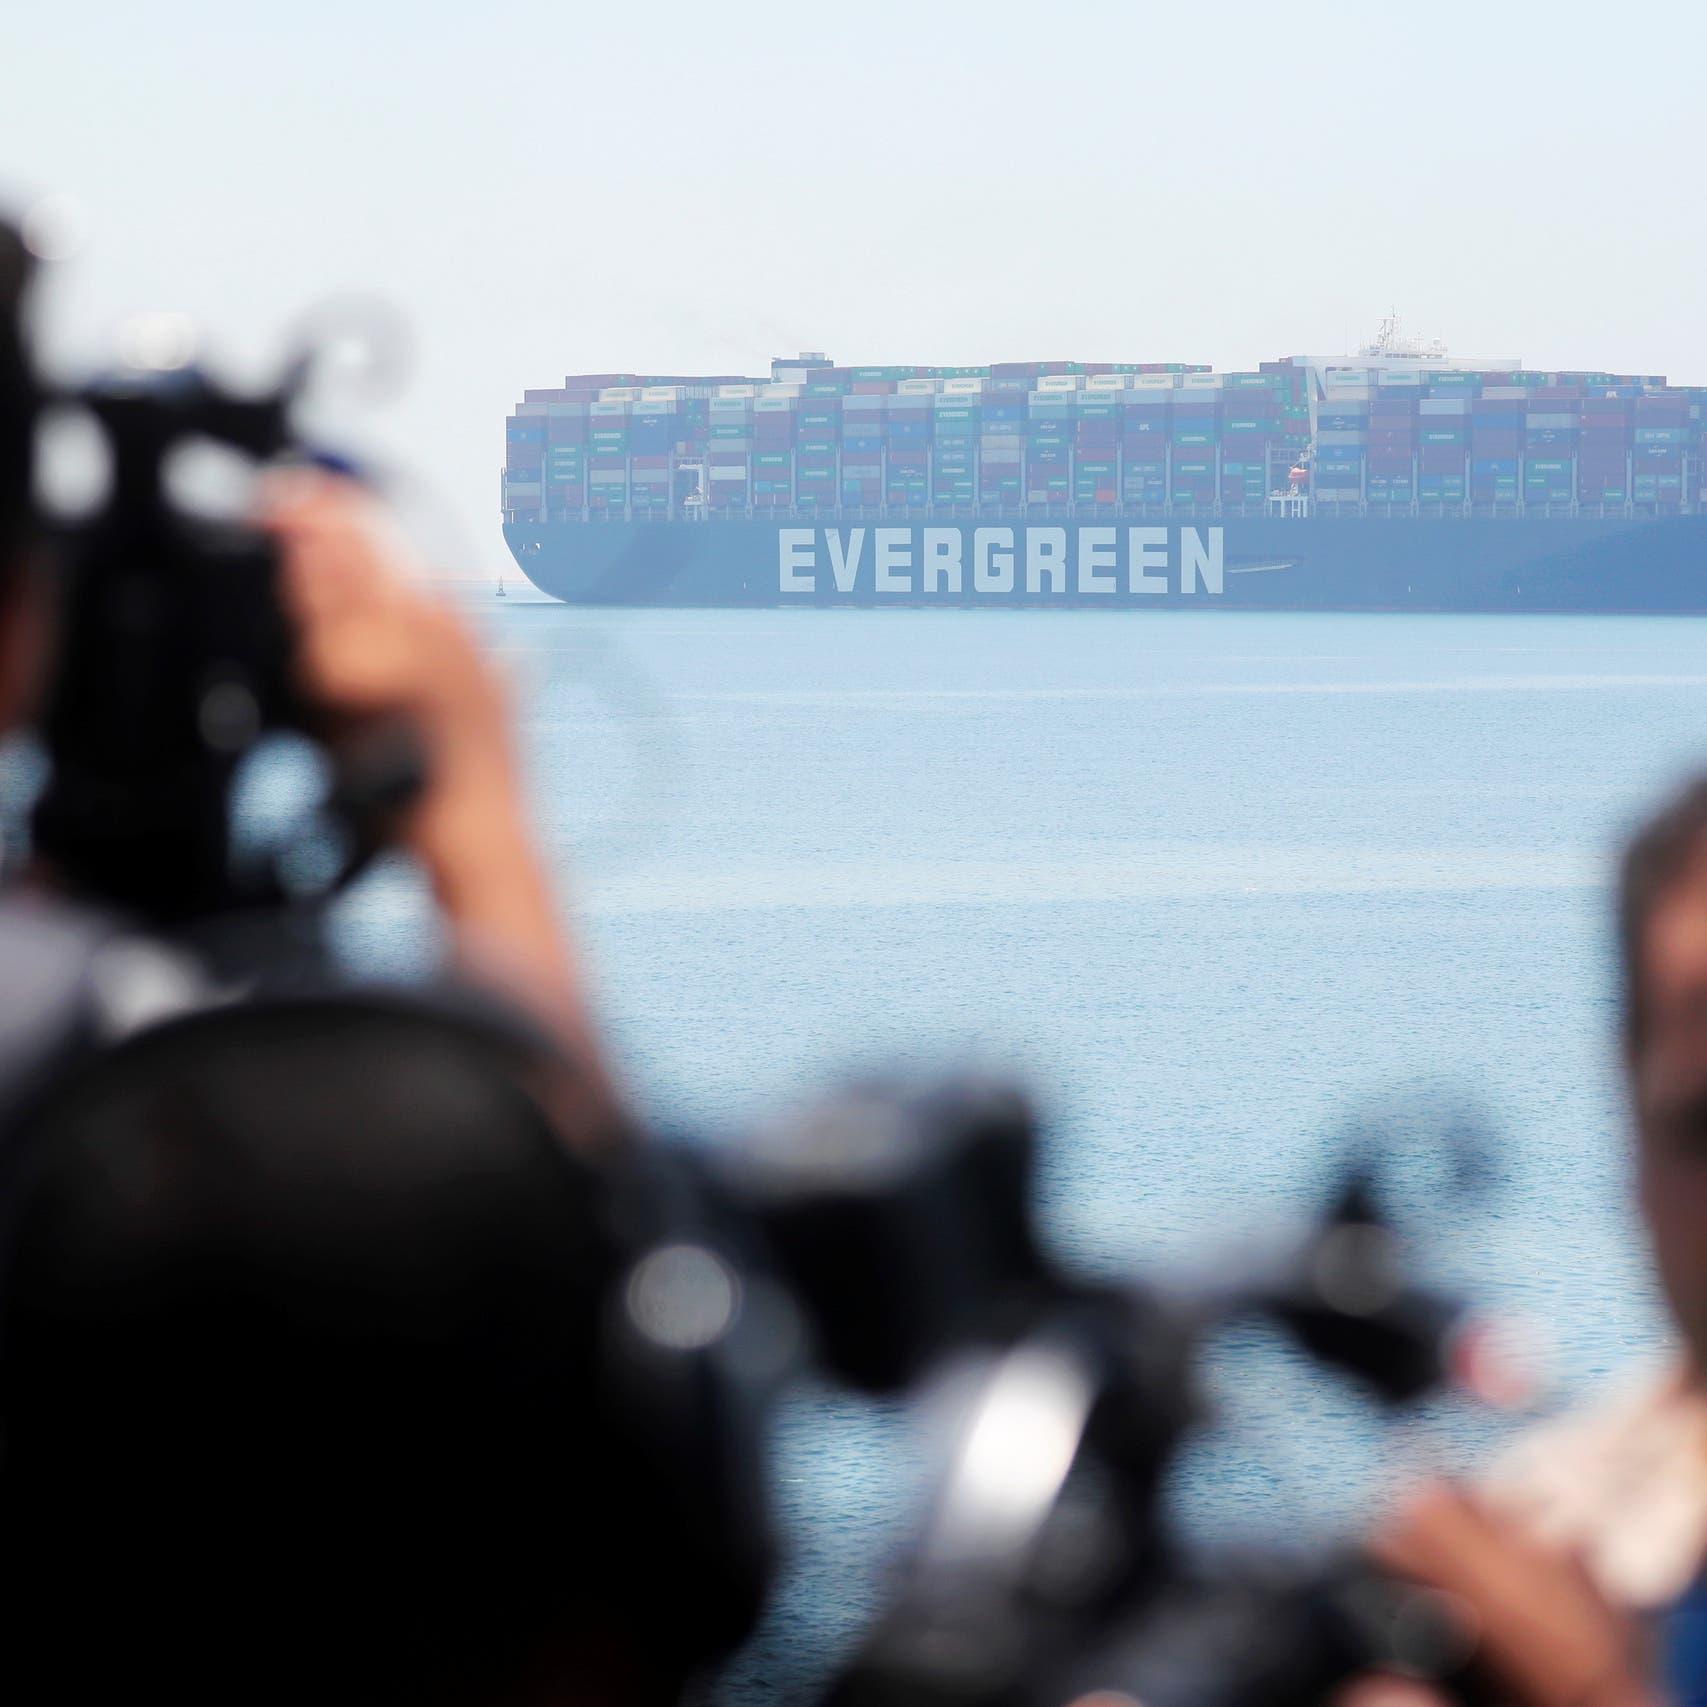 """بعد مغادرتها مياه مصر.. سفينة """"إيفر غيفن"""" تدخل في أزمة جديدة"""